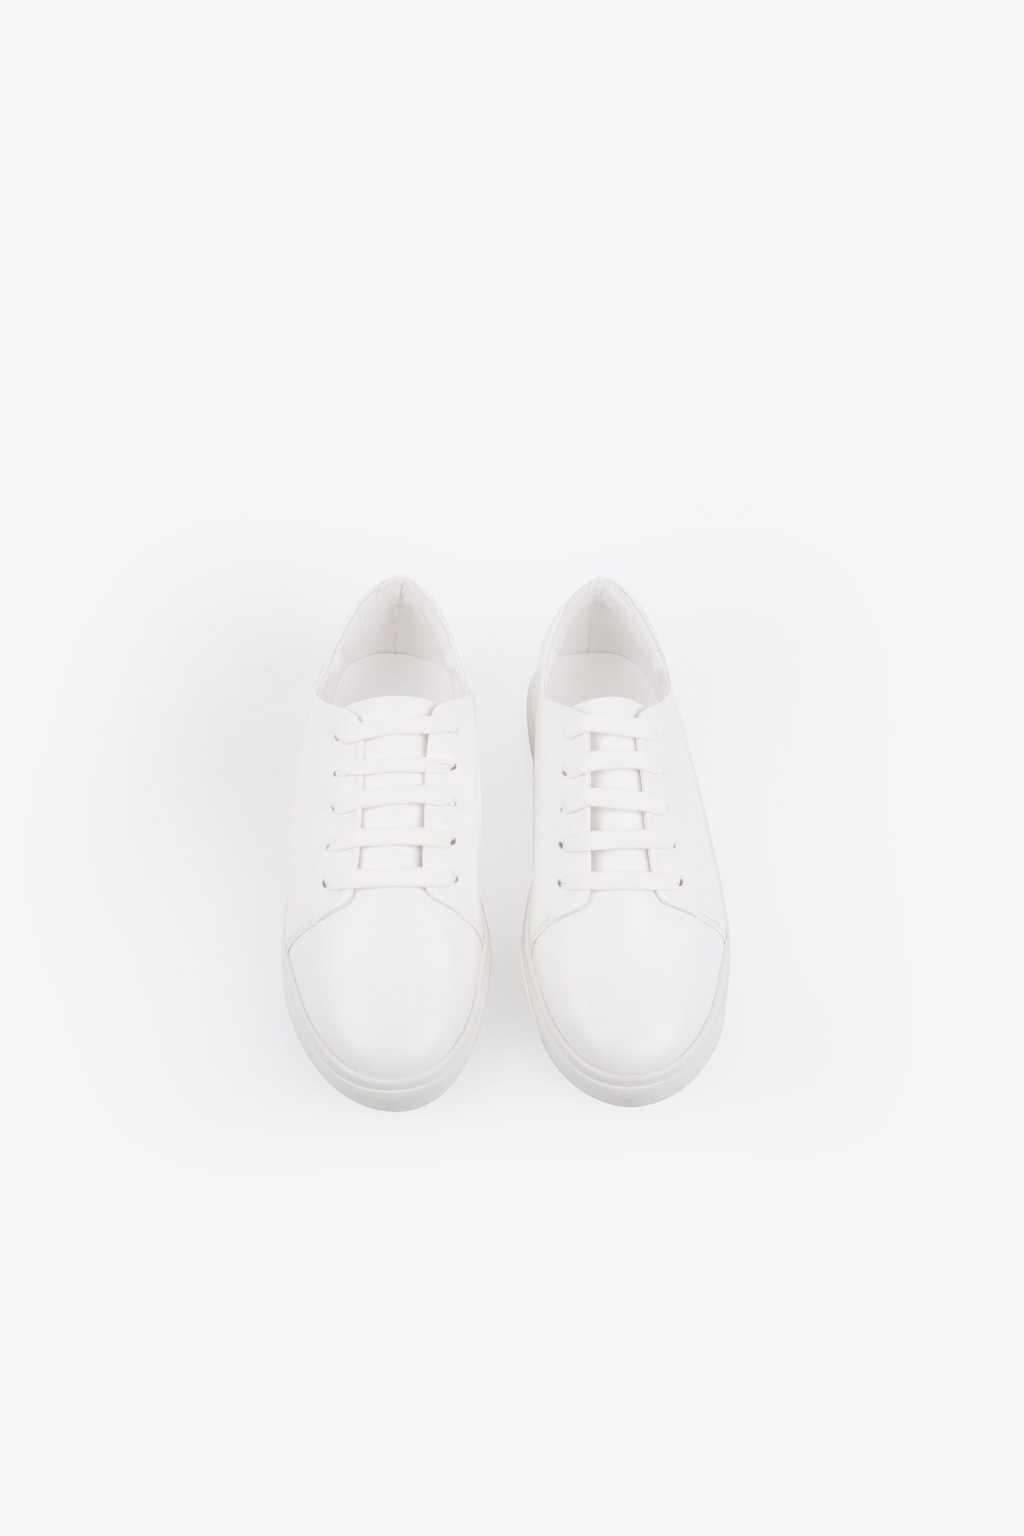 Sneaker 1339 White 2